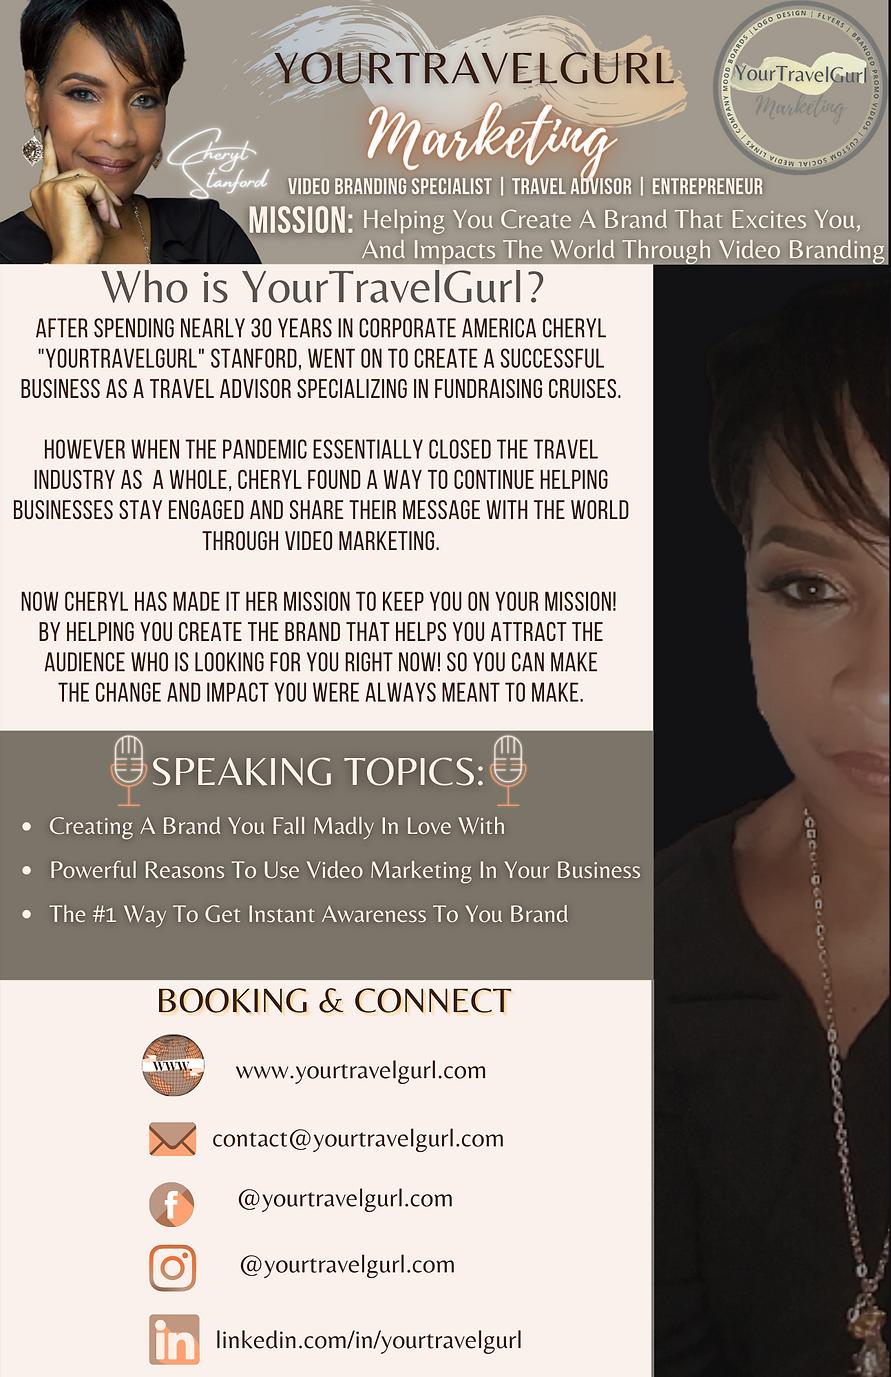 www.yourtravelgurl.com.png